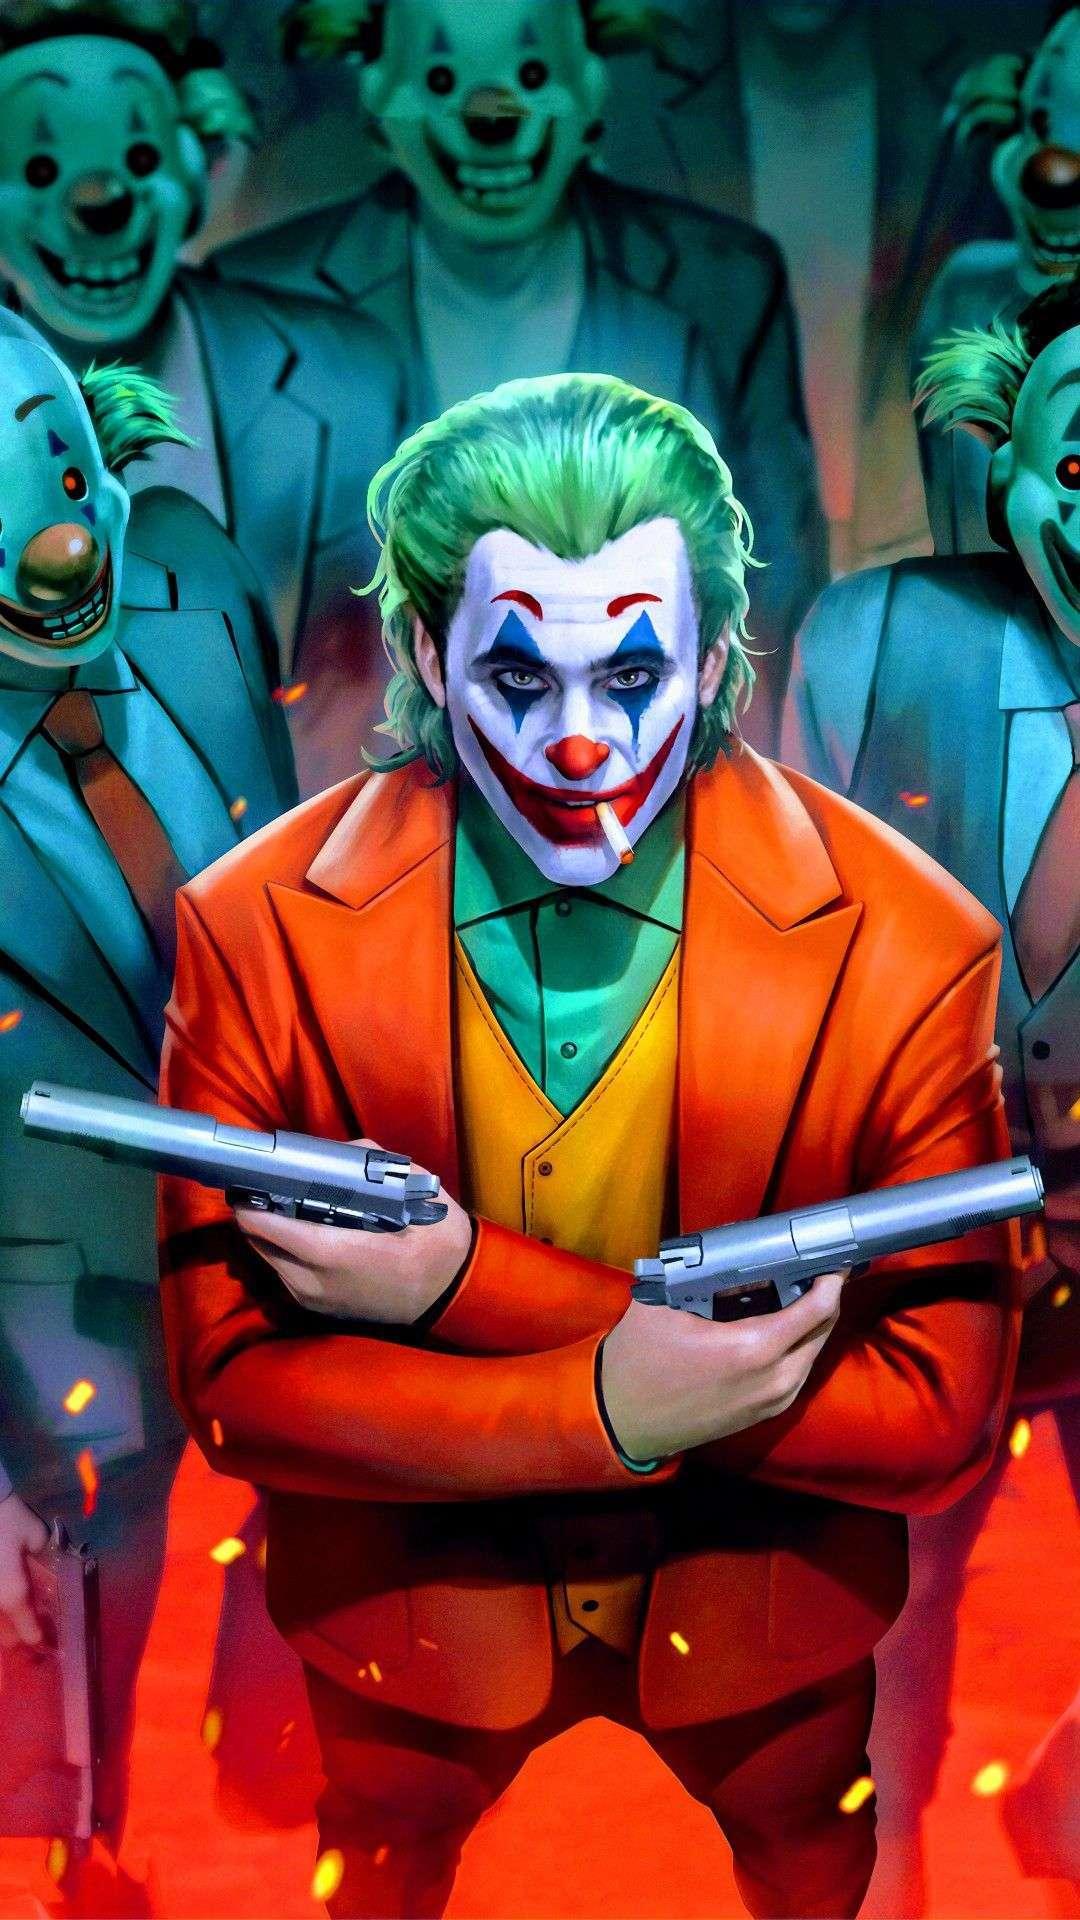 gambar joker keren hd